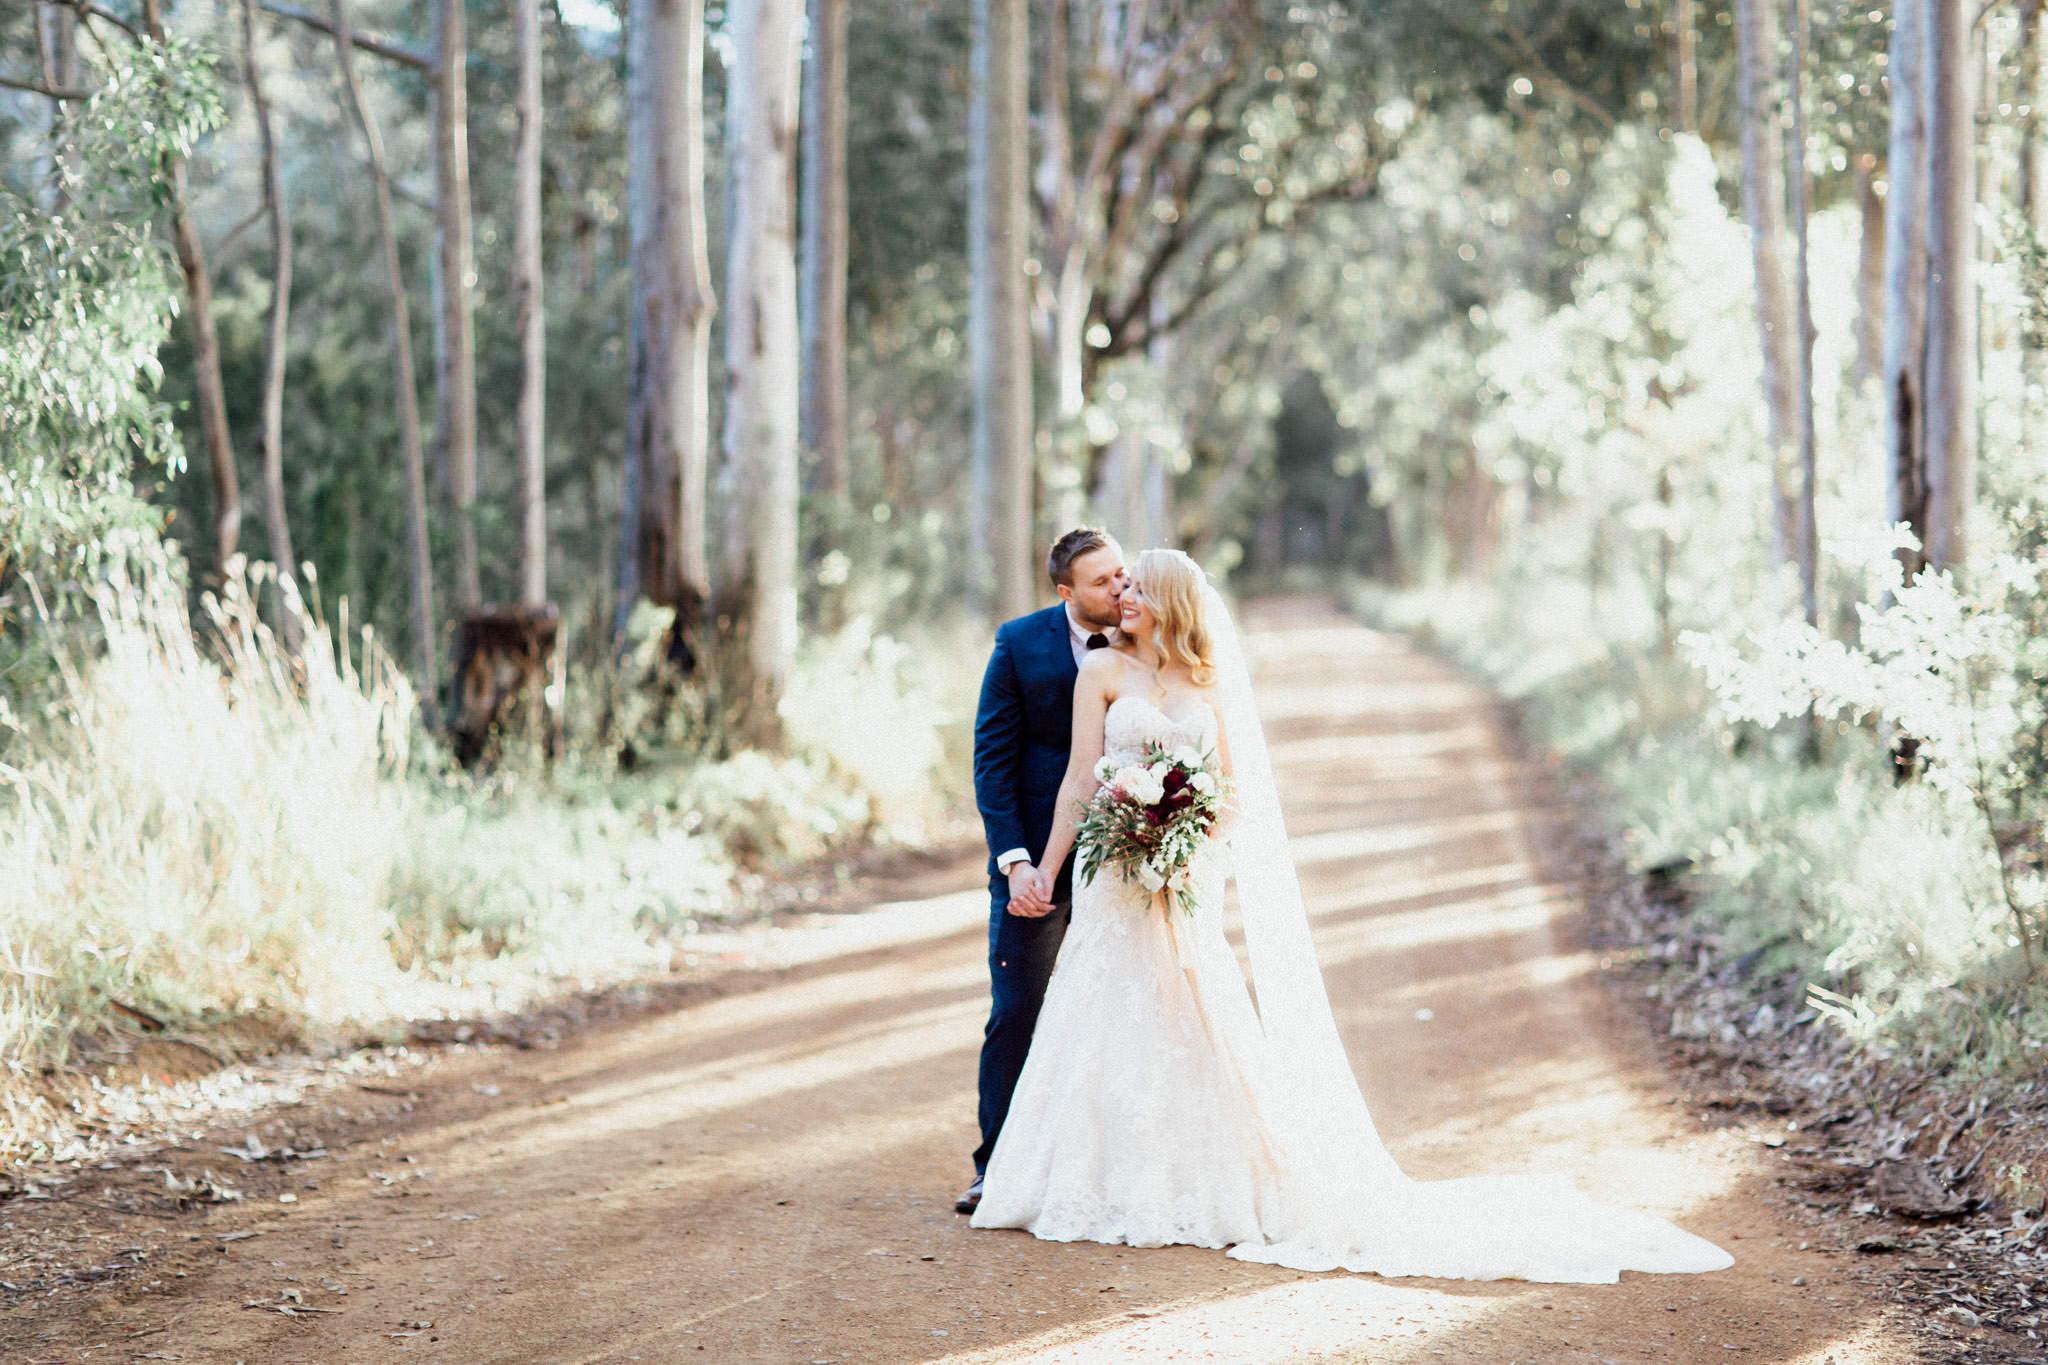 WeddingPhotos_Facebook_2048pixels-1091.jpg